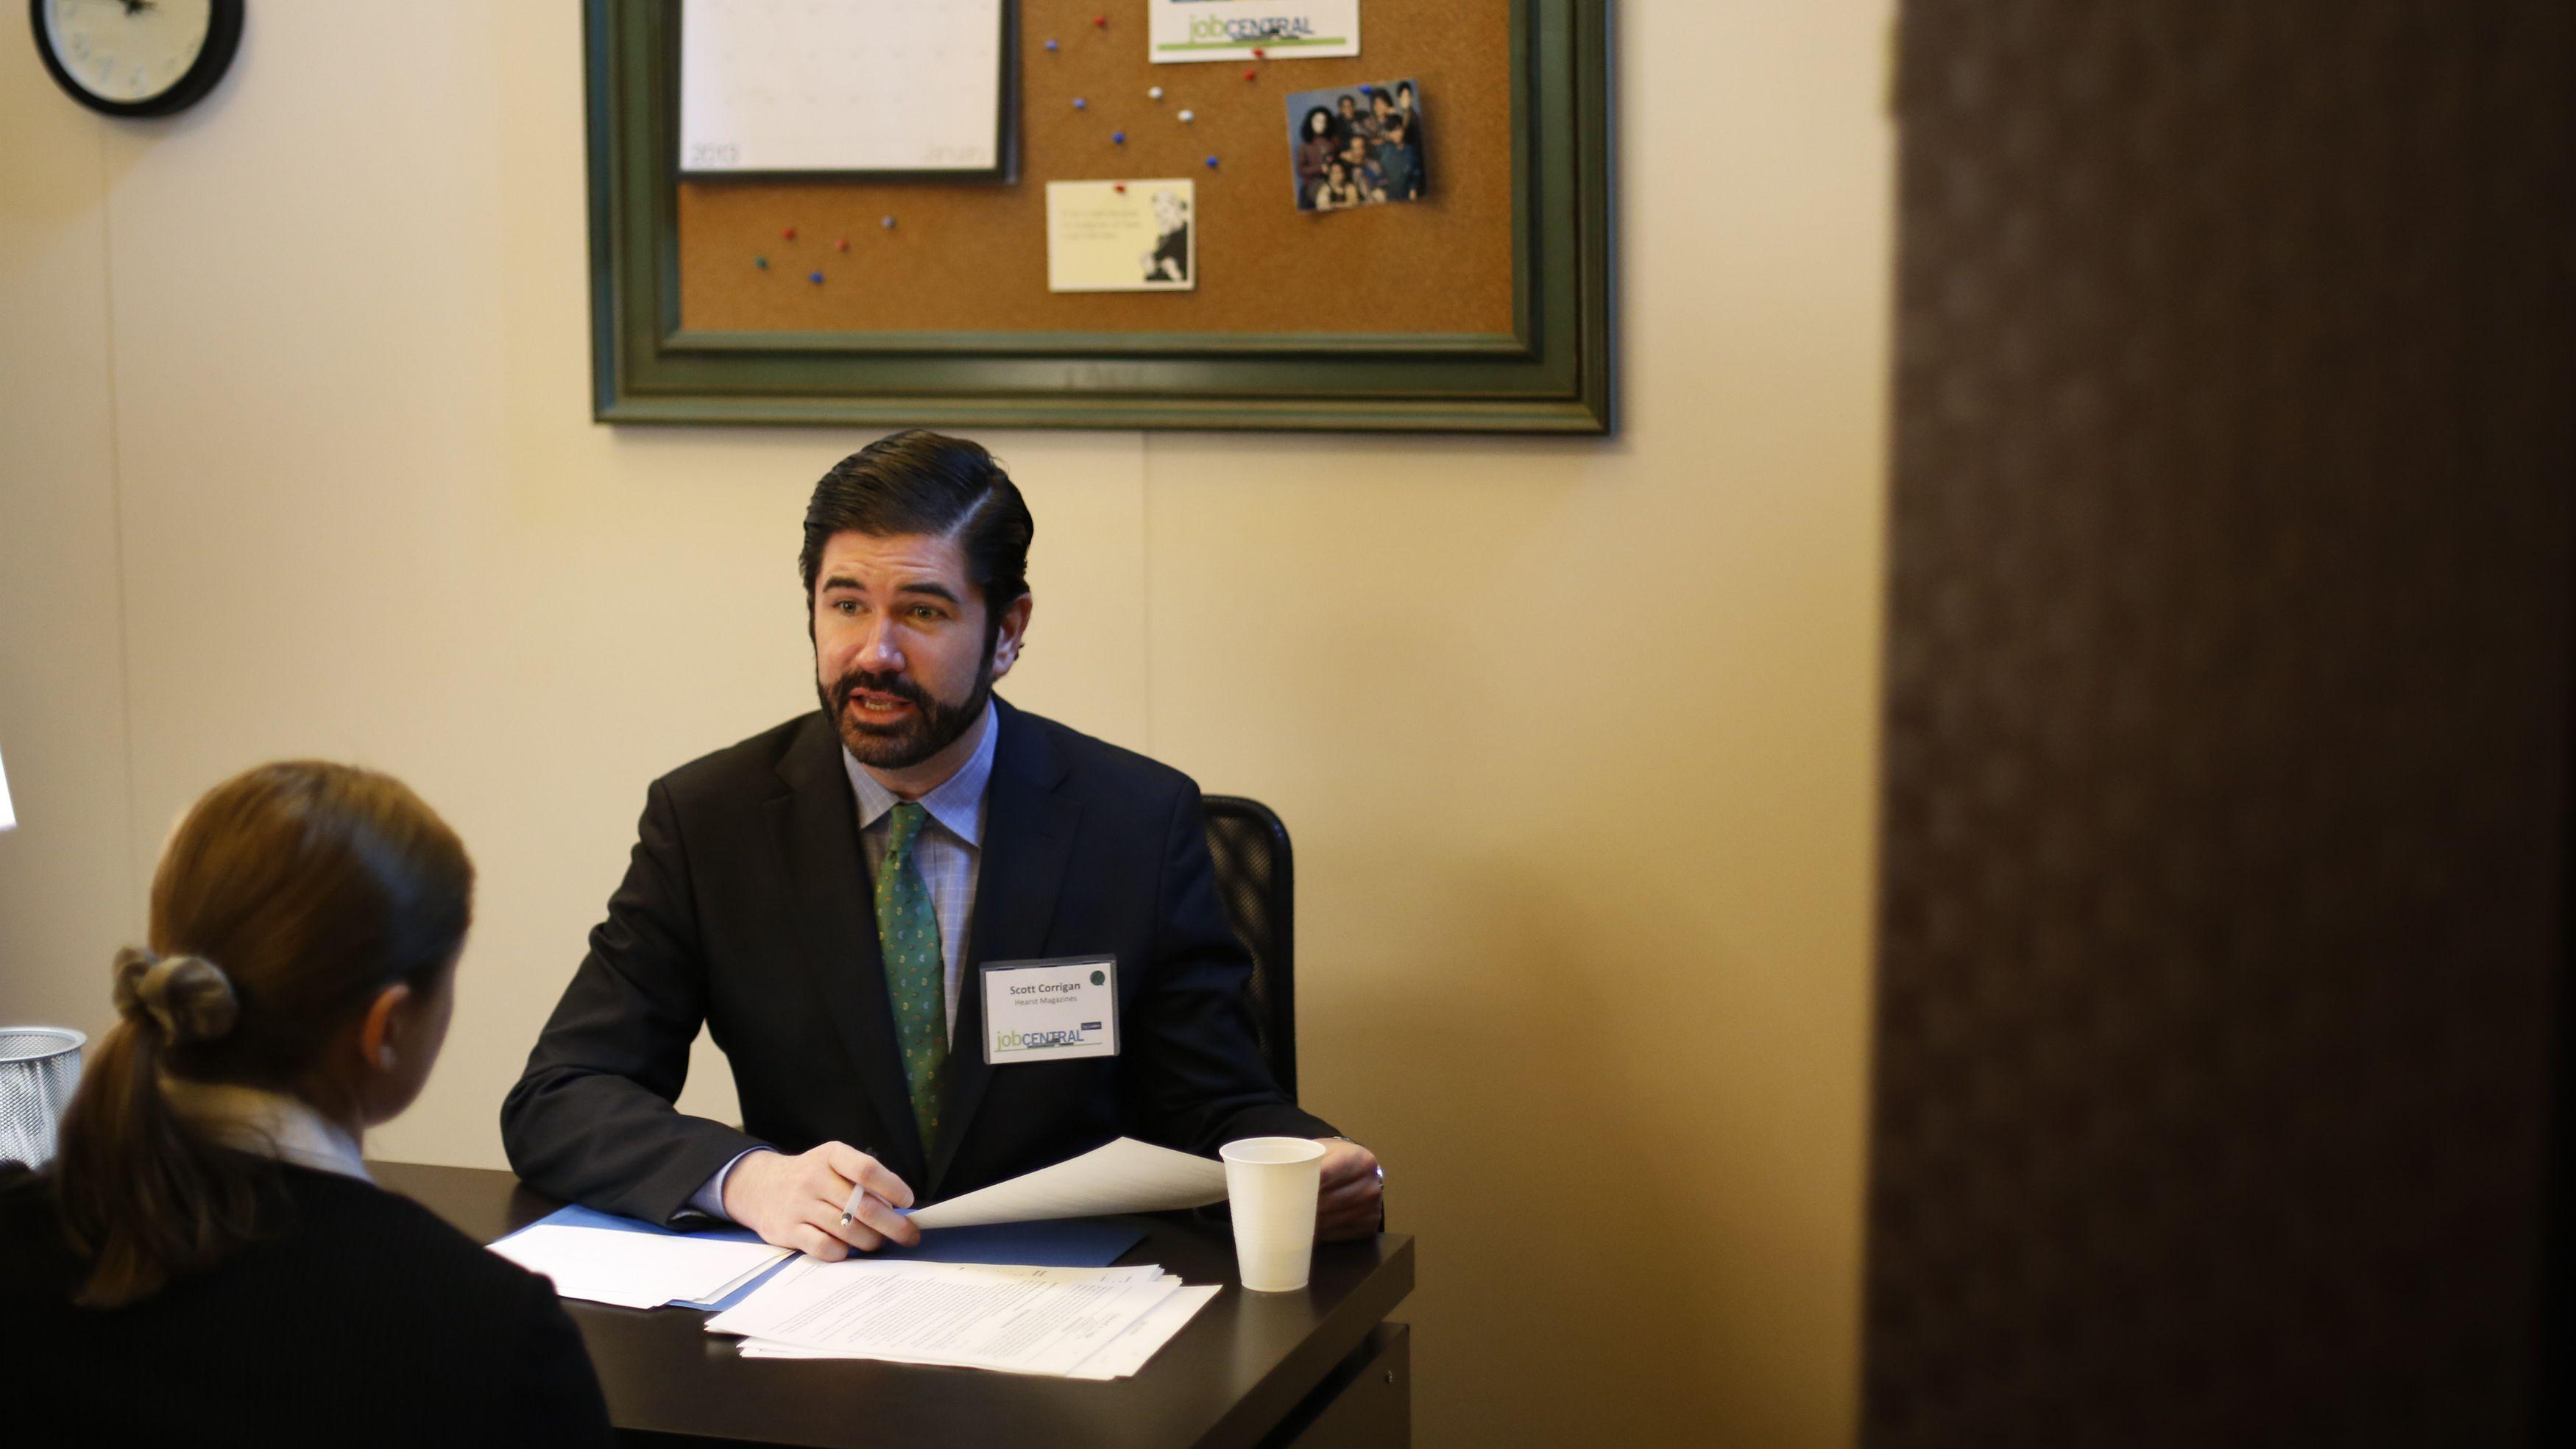 job interview negotiations